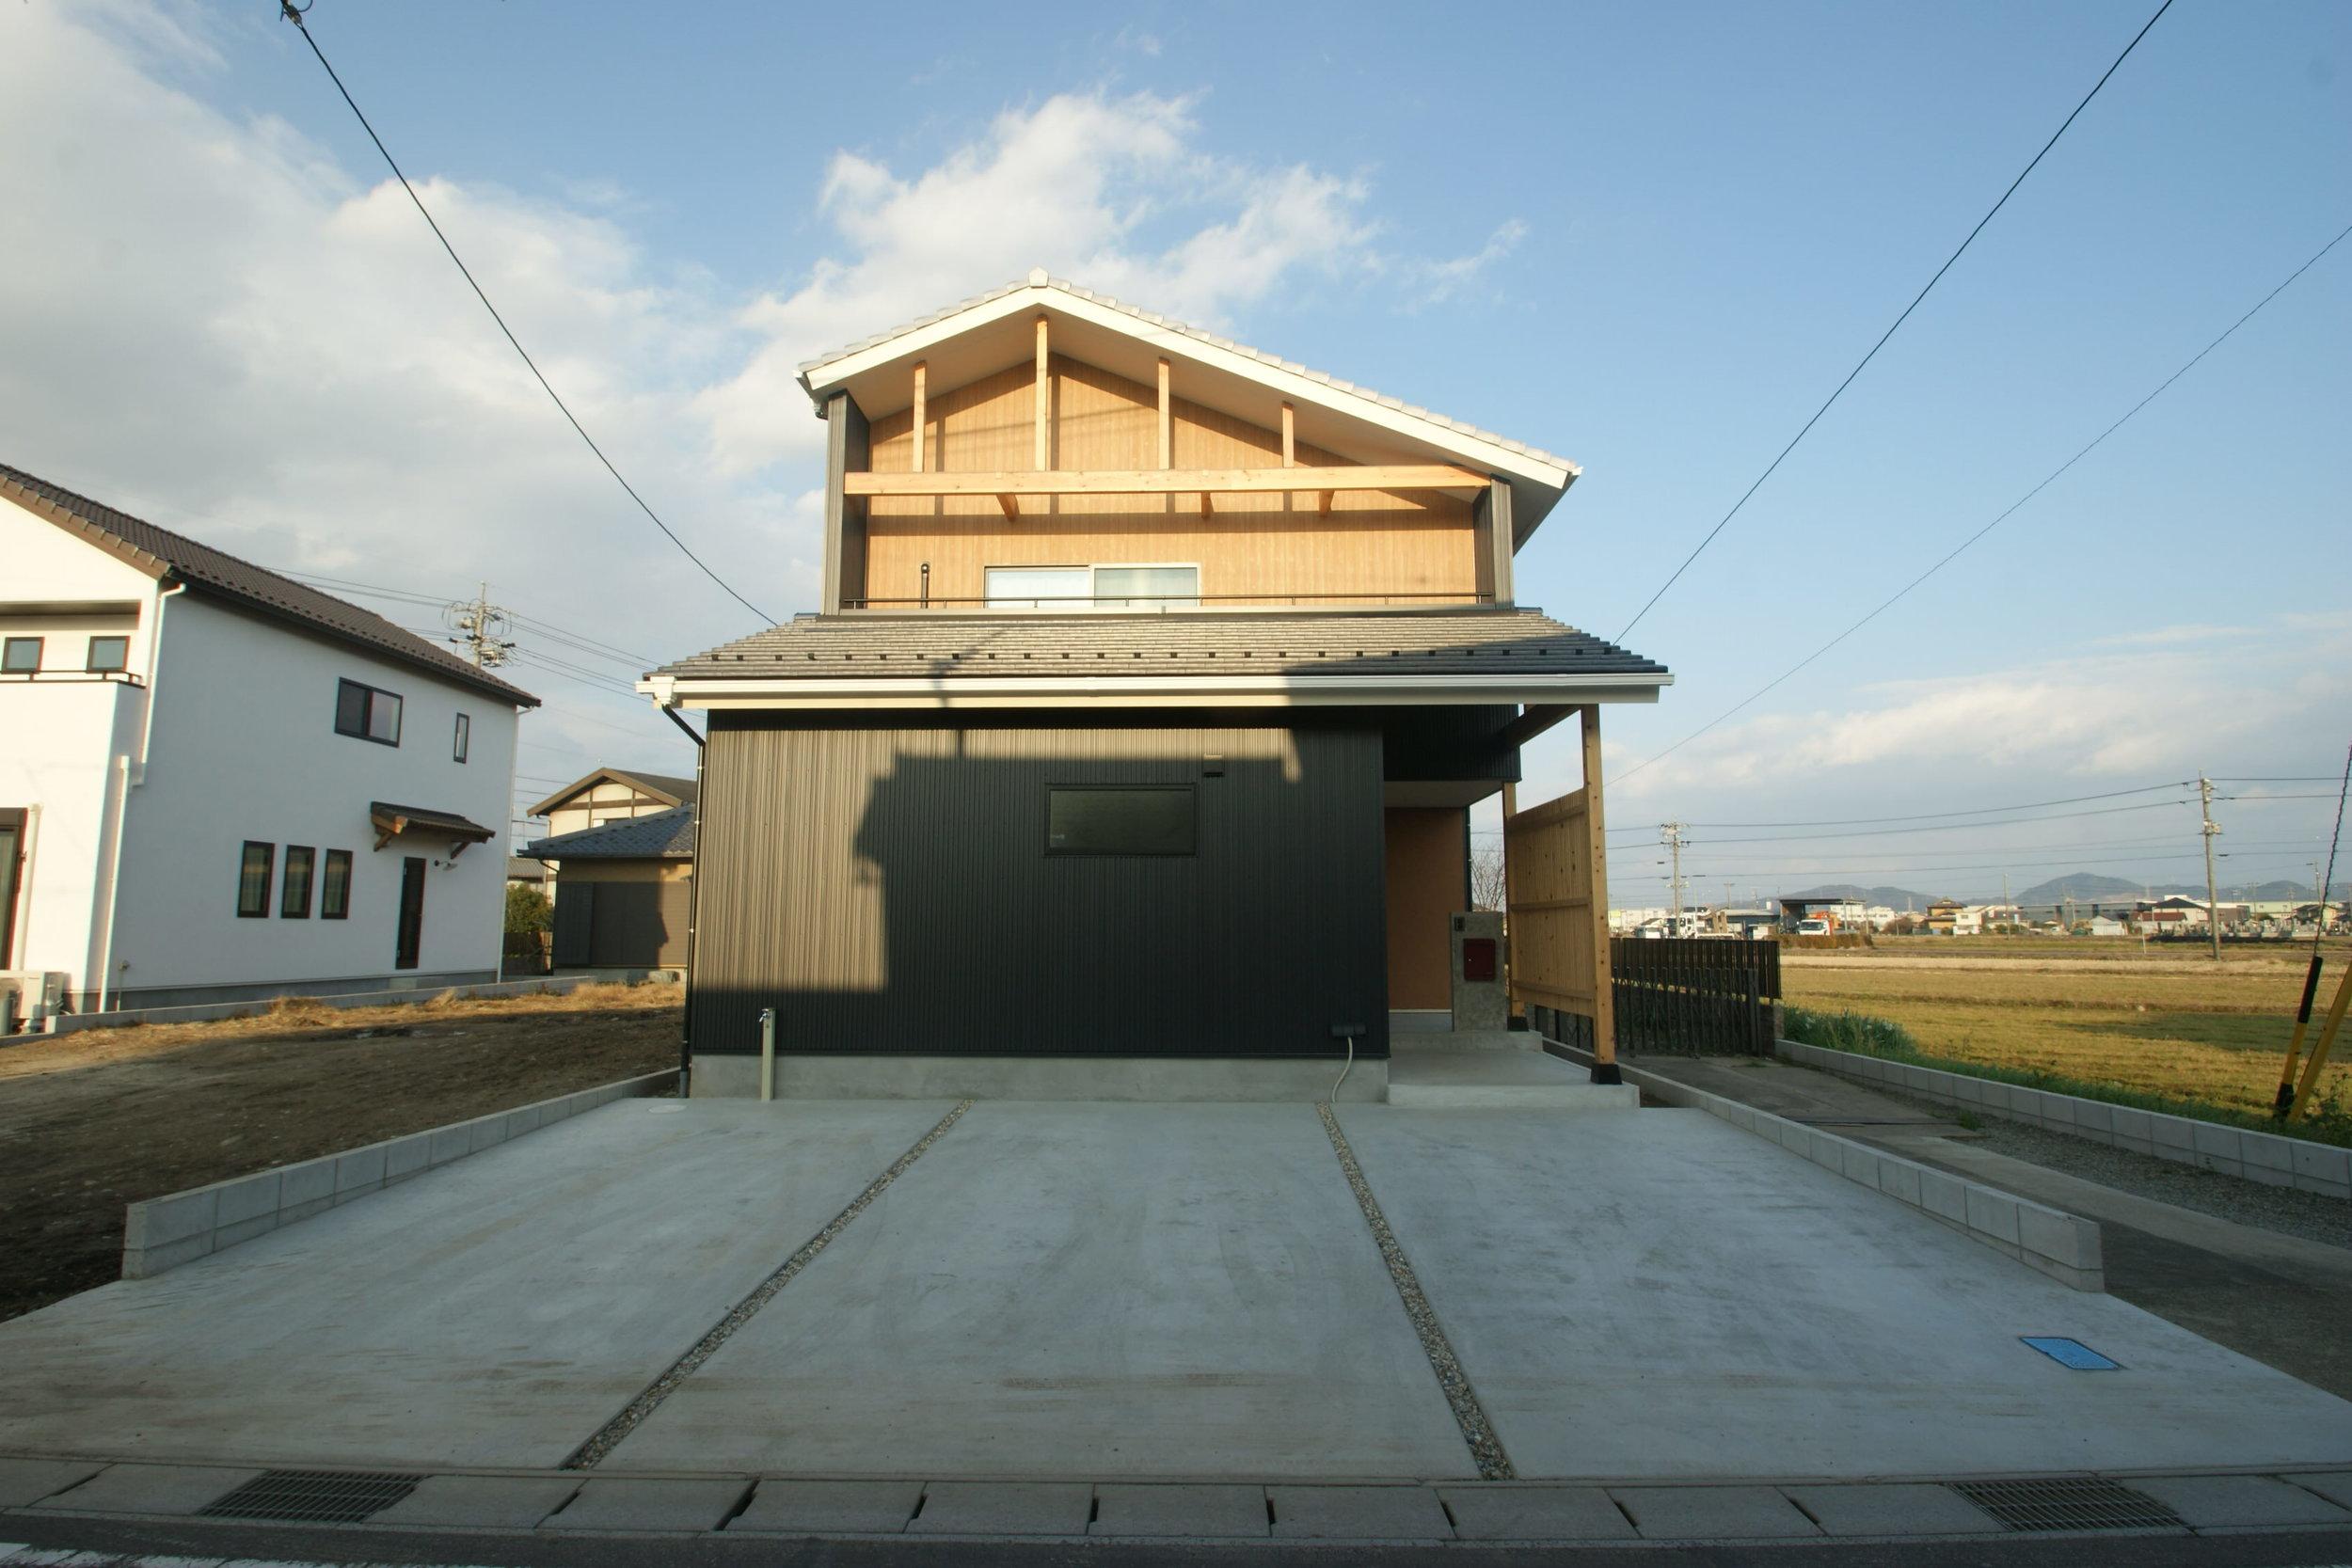 成正建装 愛知県 犬山市 新築 リフォーム 古民家再生 家づくり30.JPG